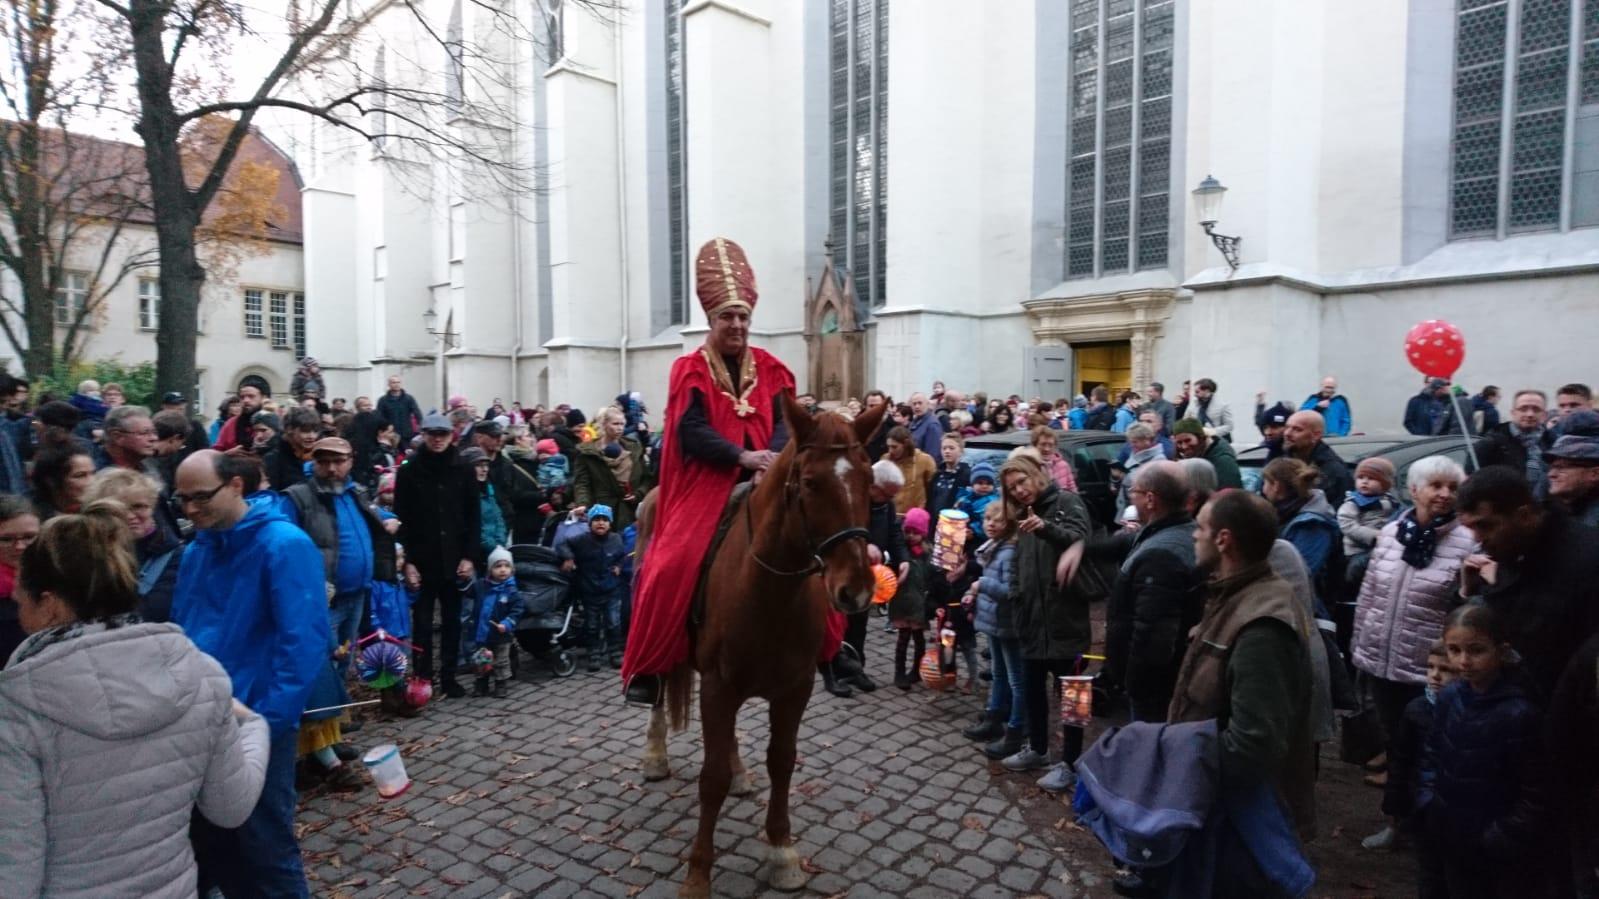 Martinstag Umzuge Und Martinsfeuer In Den Kirchgemeinden In Halle Du Bist Halle